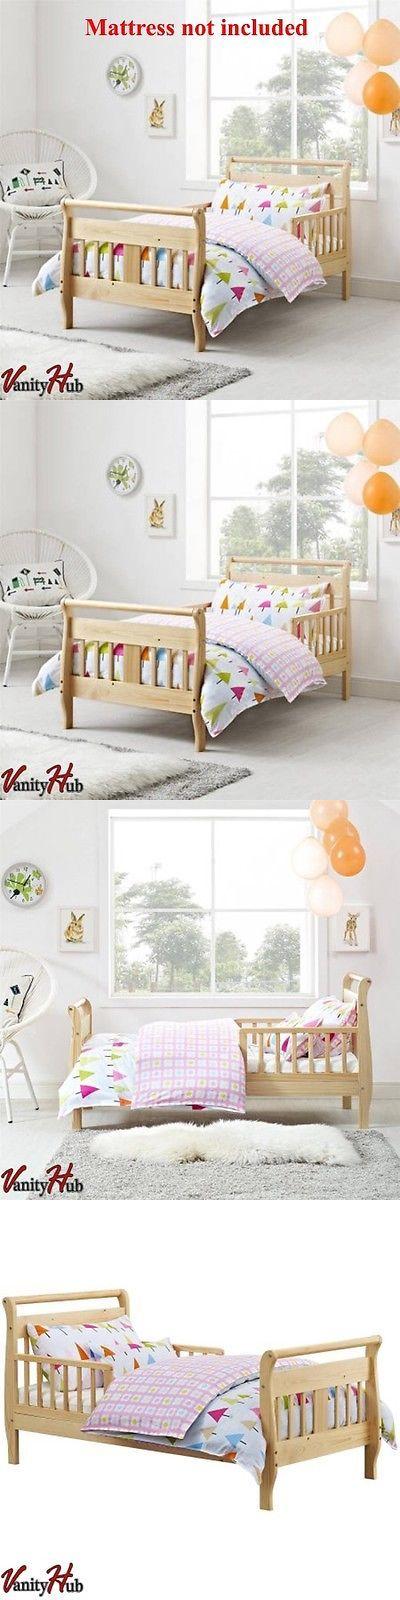 Kids Furniture: Toddler Bed Frame Bedroom Furniture Kids Children Wood Natural New -> BUY IT NOW ONLY: $68.49 on eBay!